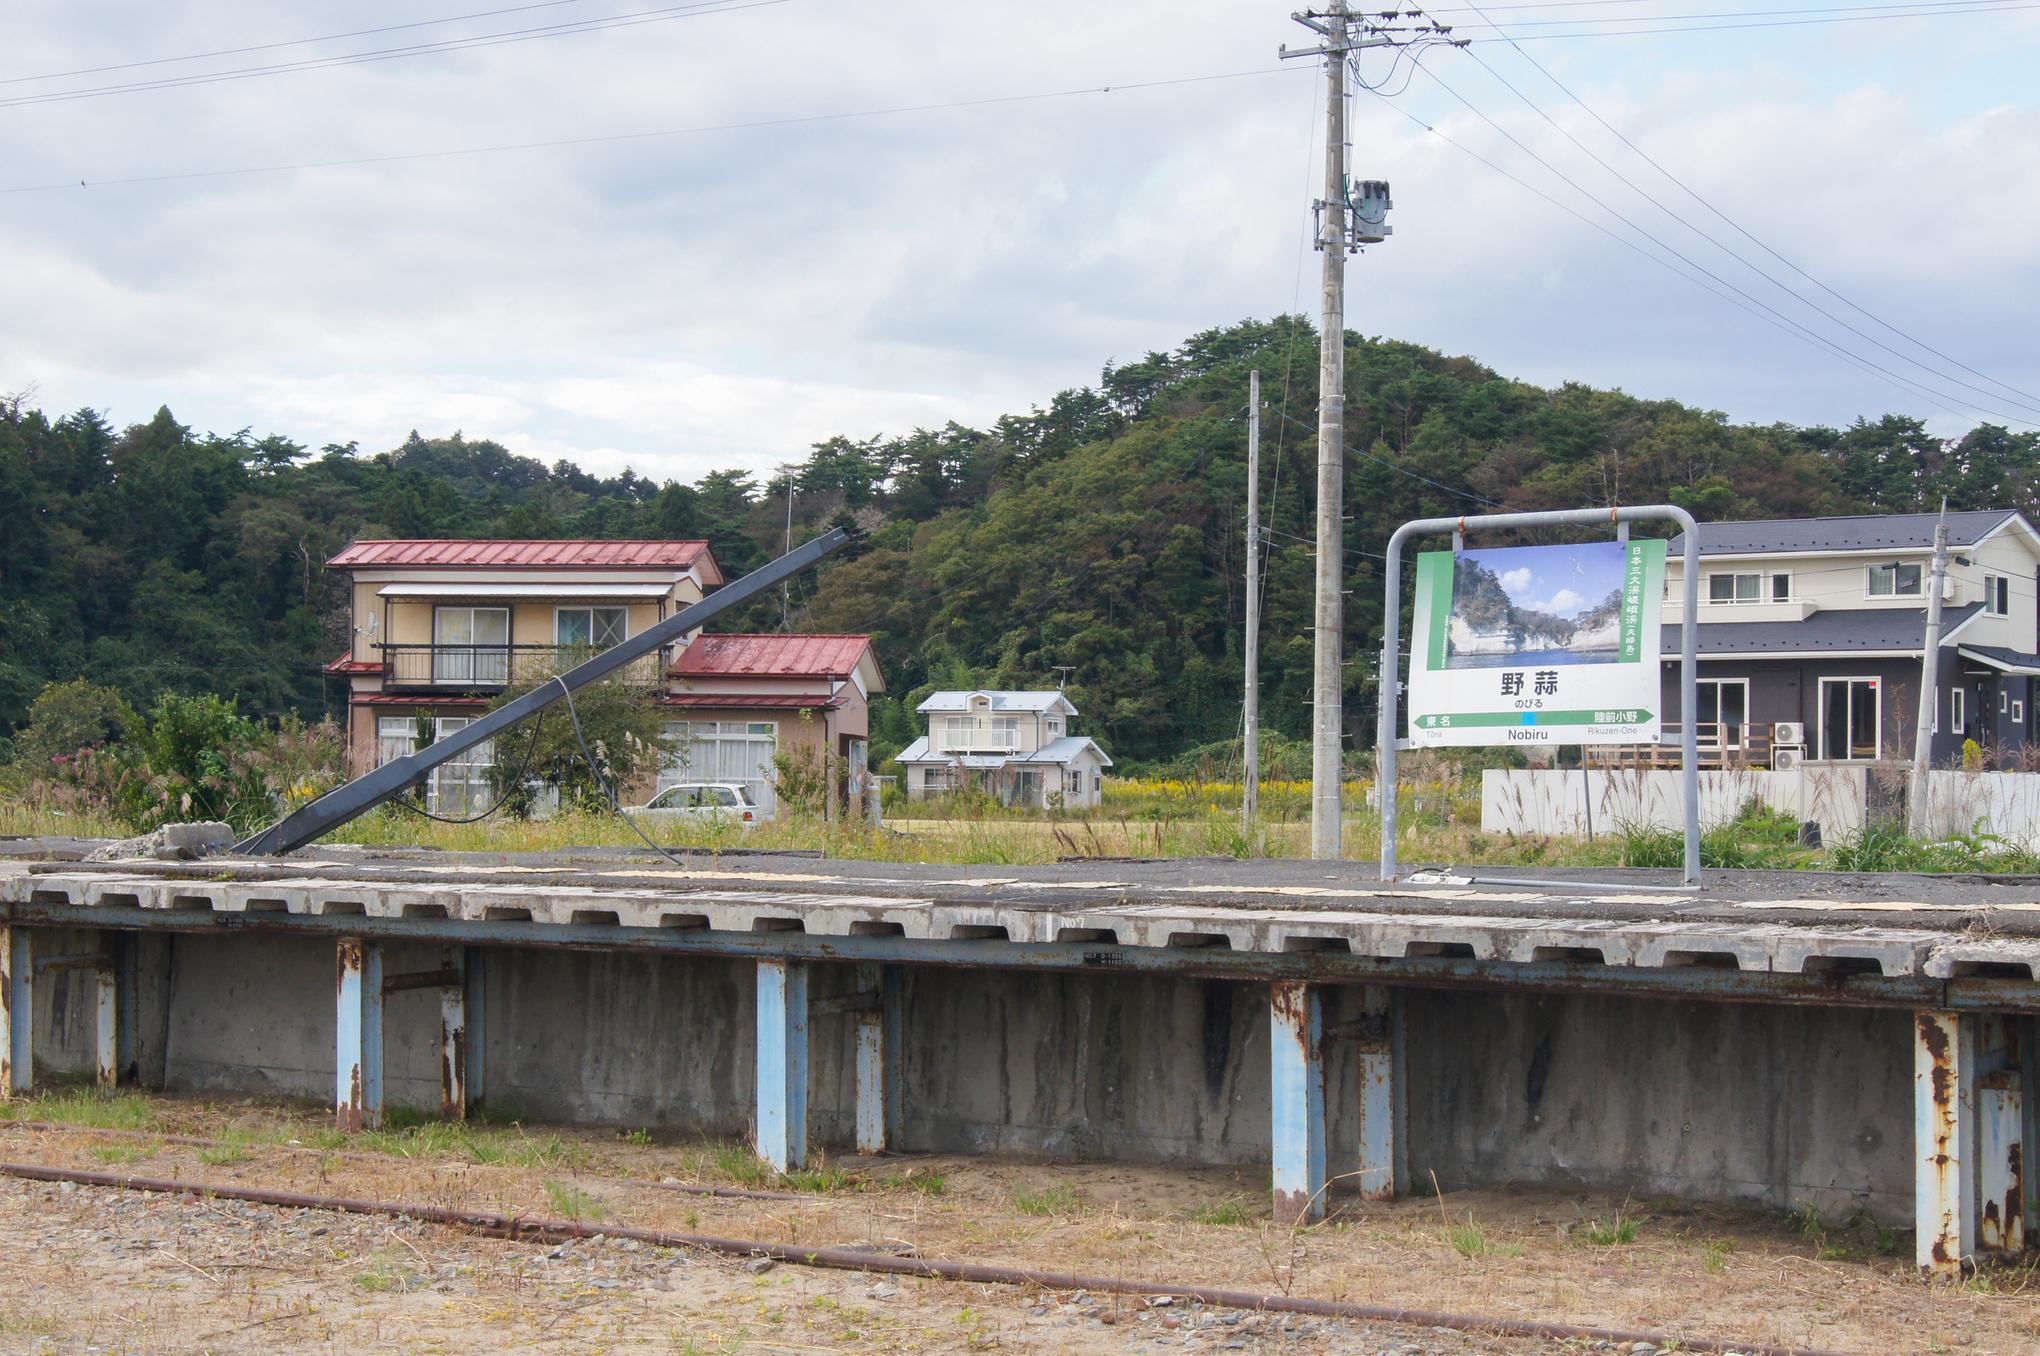 f:id:akichiniiko:20200607210213j:plain